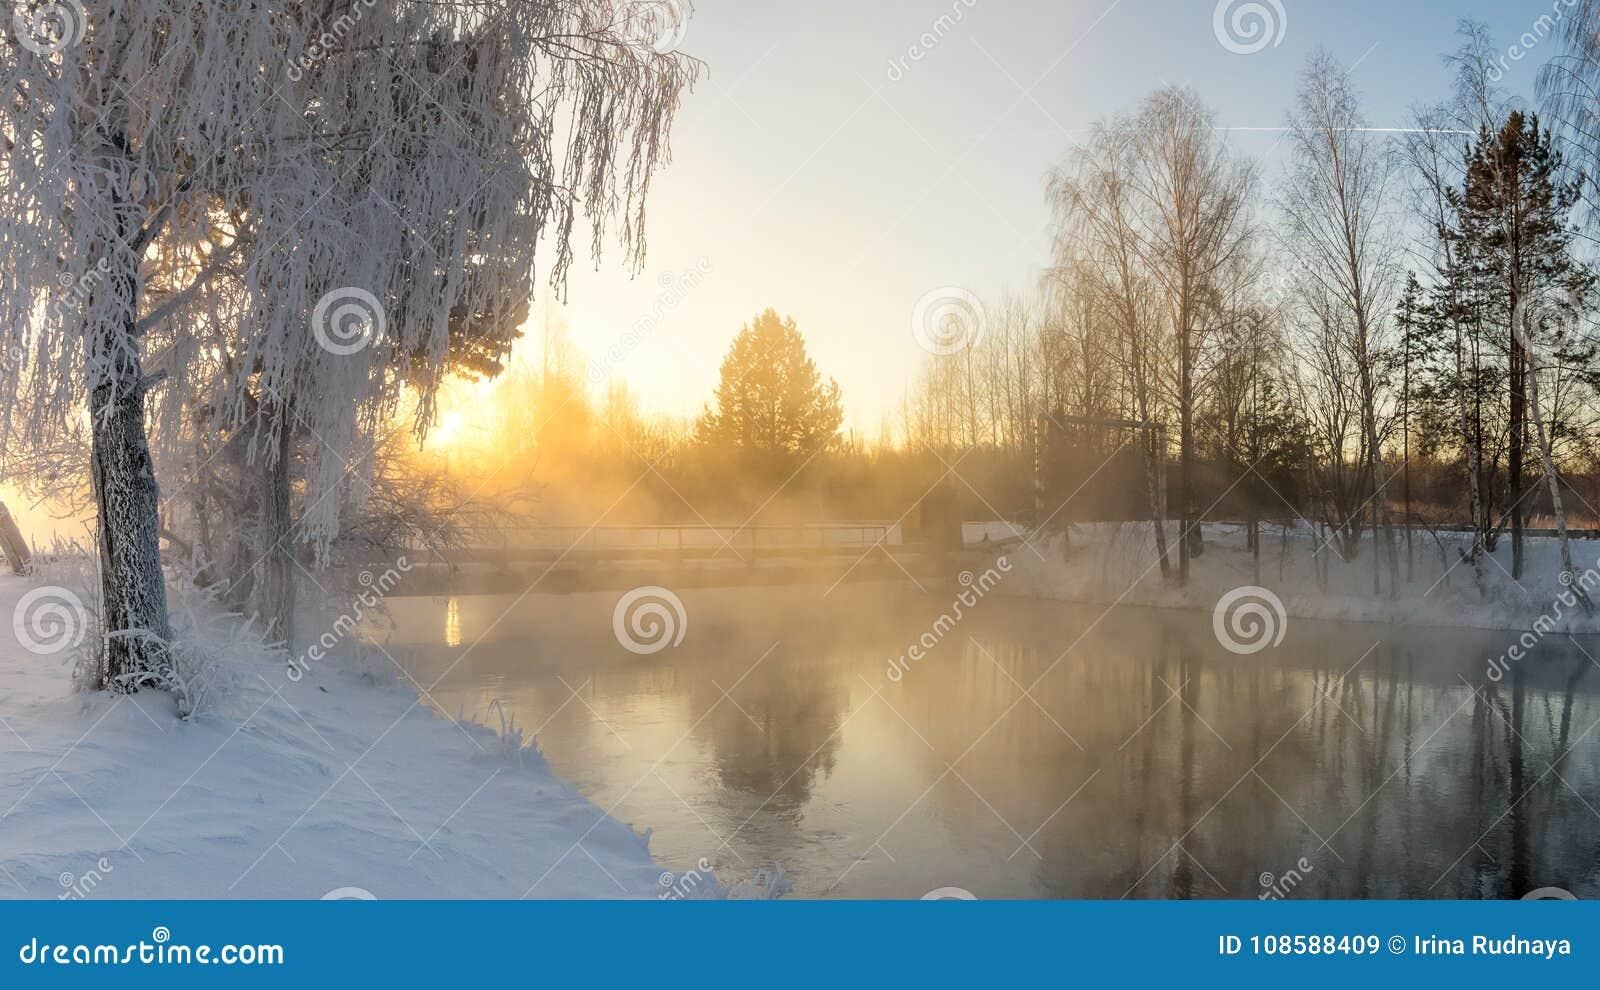 Sneeuw de winterbos met struiken en berkbomen op de banken van de rivier met mist, Rusland, het Oeralgebergte, Januari